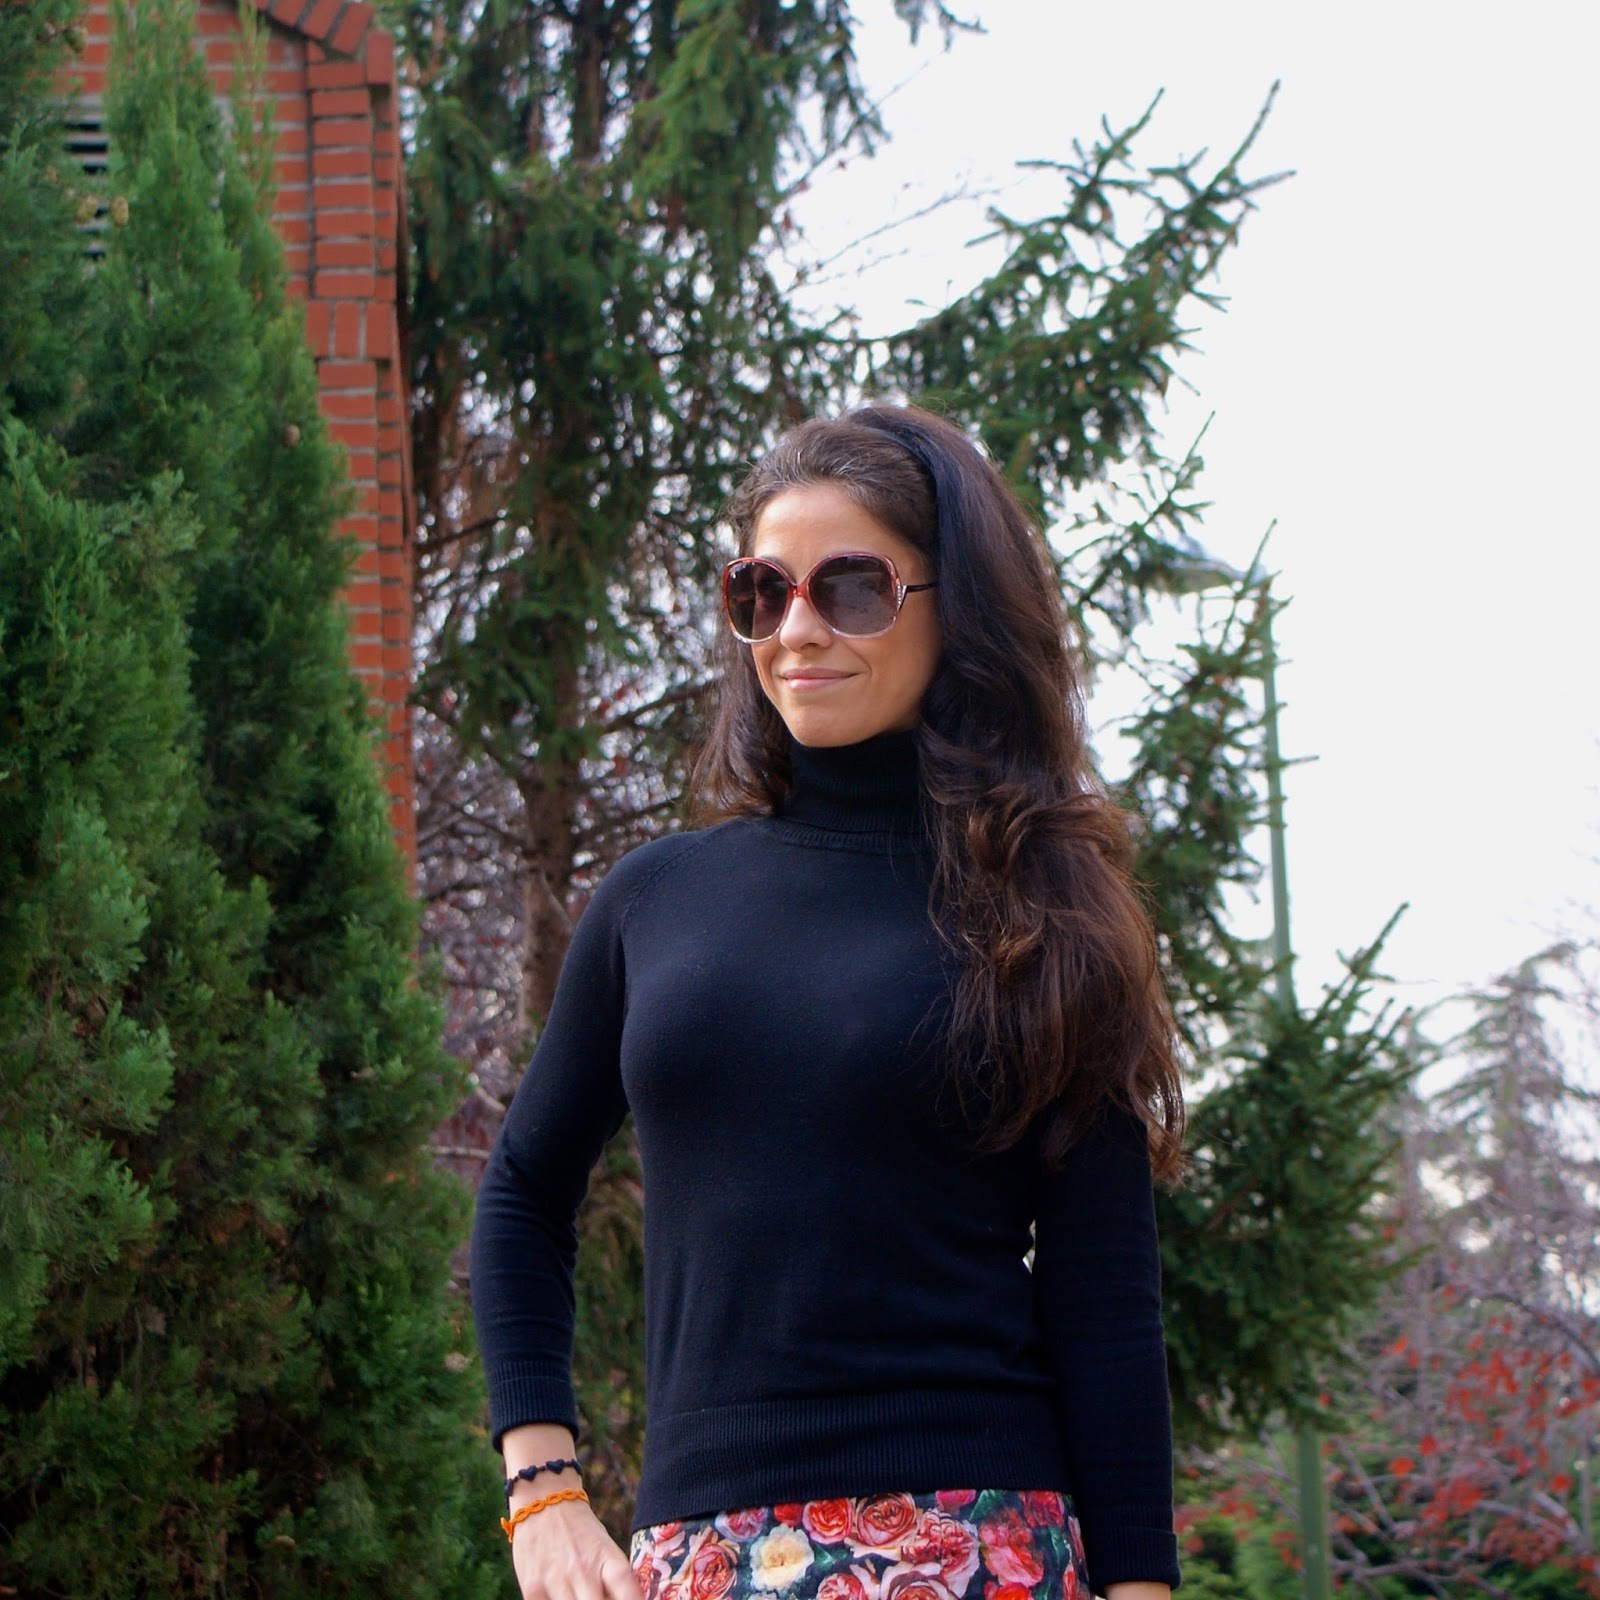 La Caprichossa, blog de moda, Look oficina con falda de flores